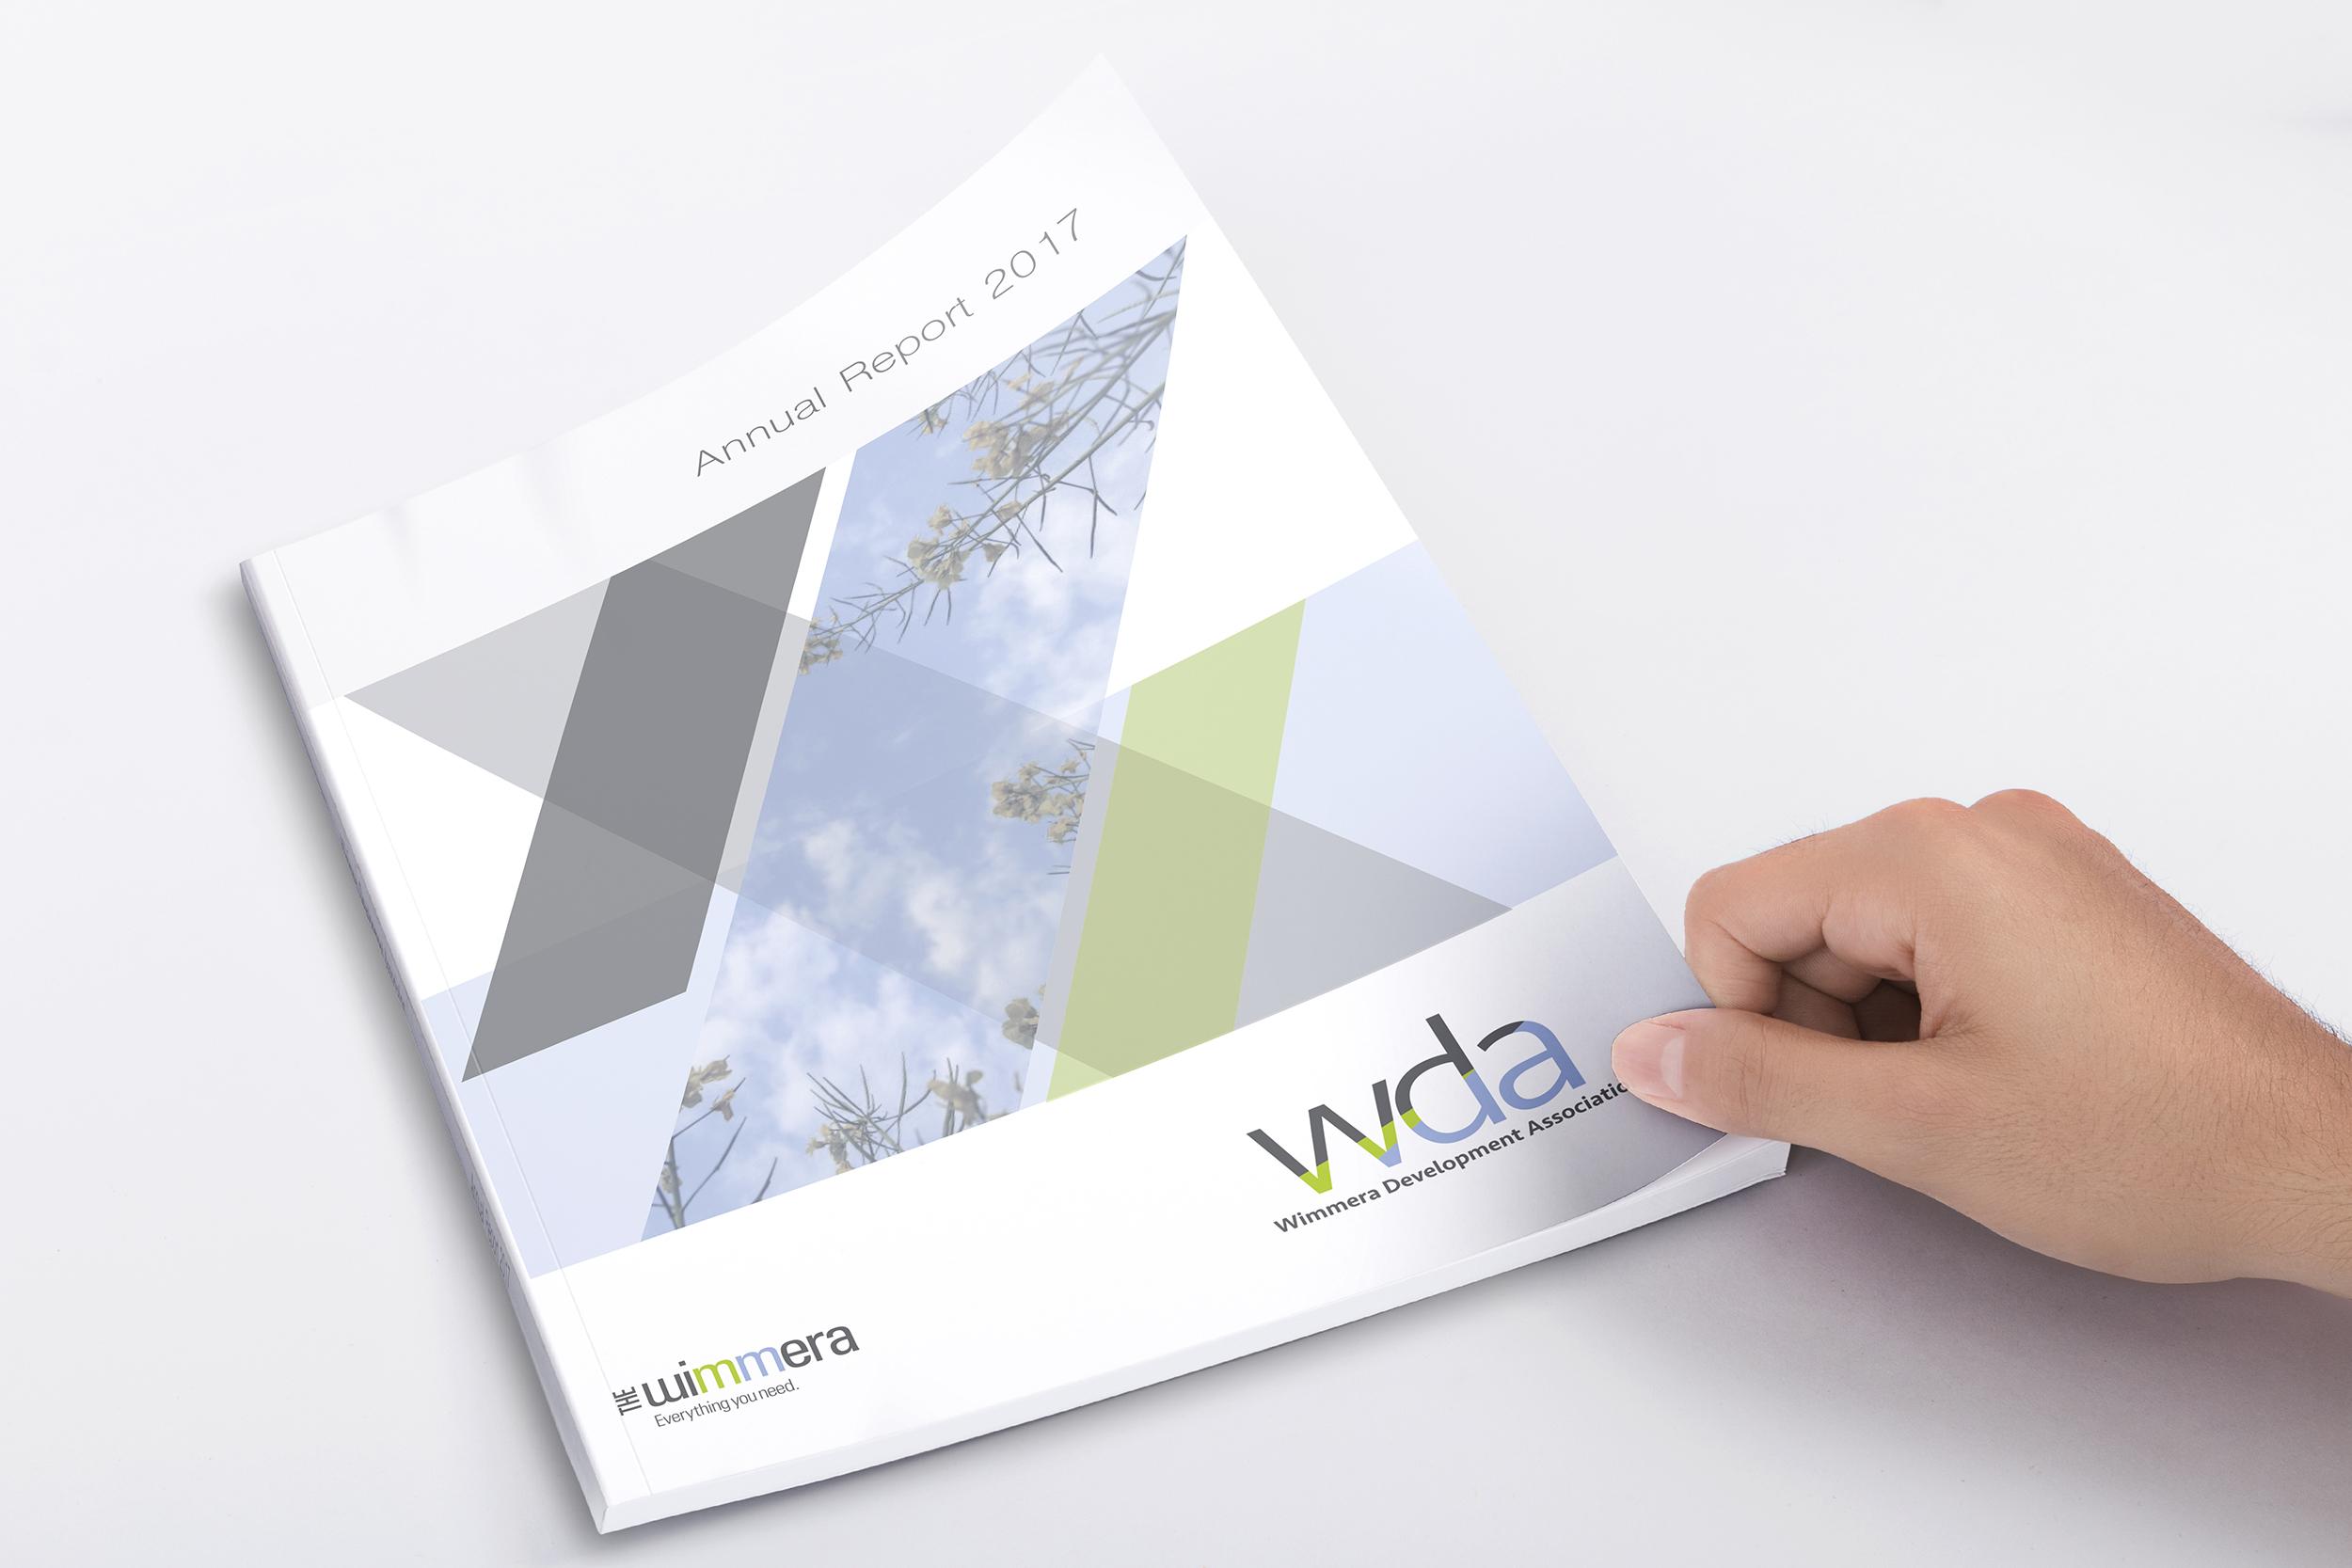 sbprint WDAAR001